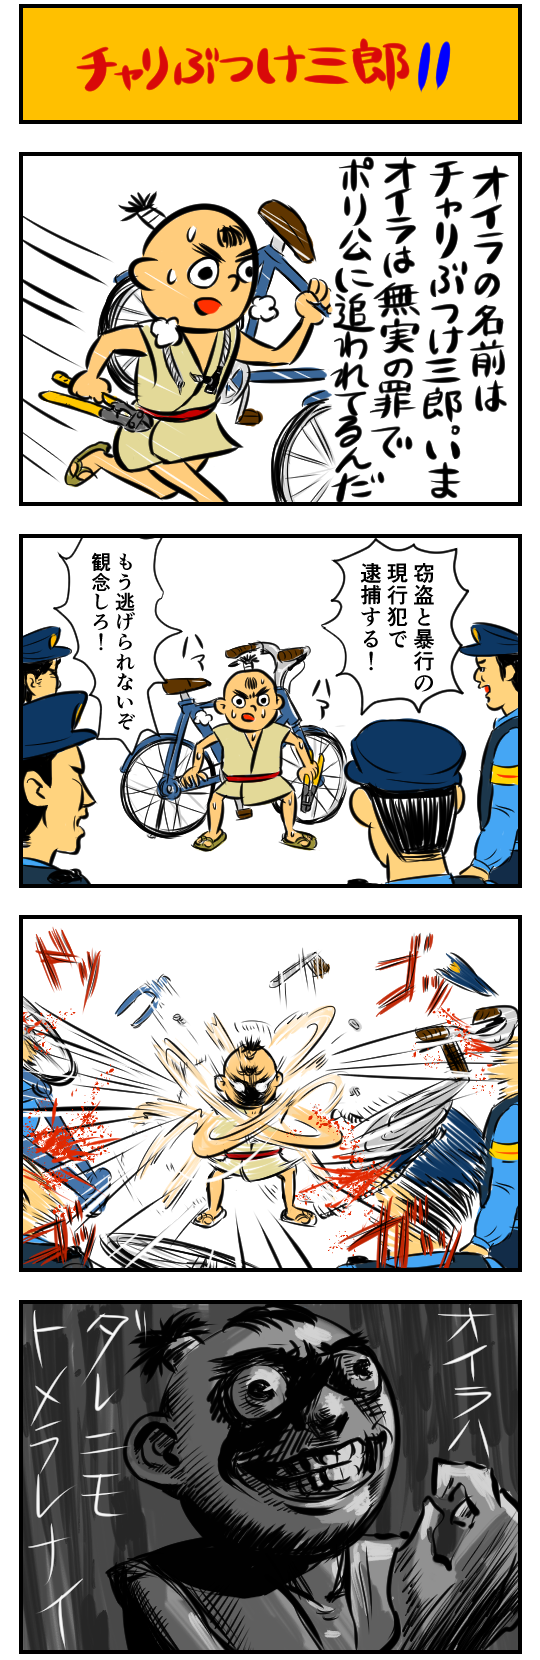 チャリぶつけ三郎11